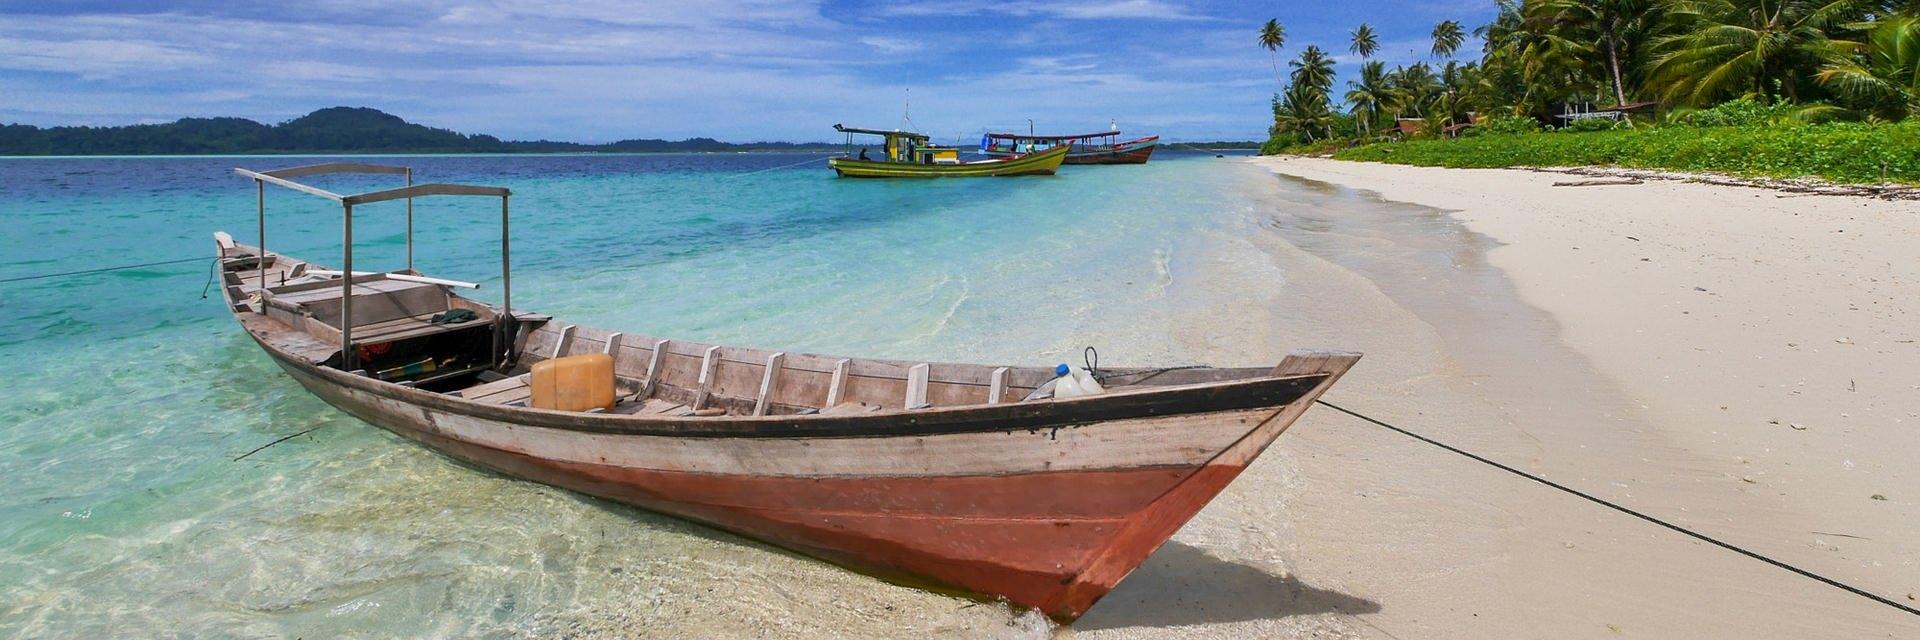 Kepulauan Banyak Siap Menghibur Kegundahan Hati Dolaners Kepulauan Banyak Siap Menghibur Kegundahan Hati Dolaners - Dolan Dolen